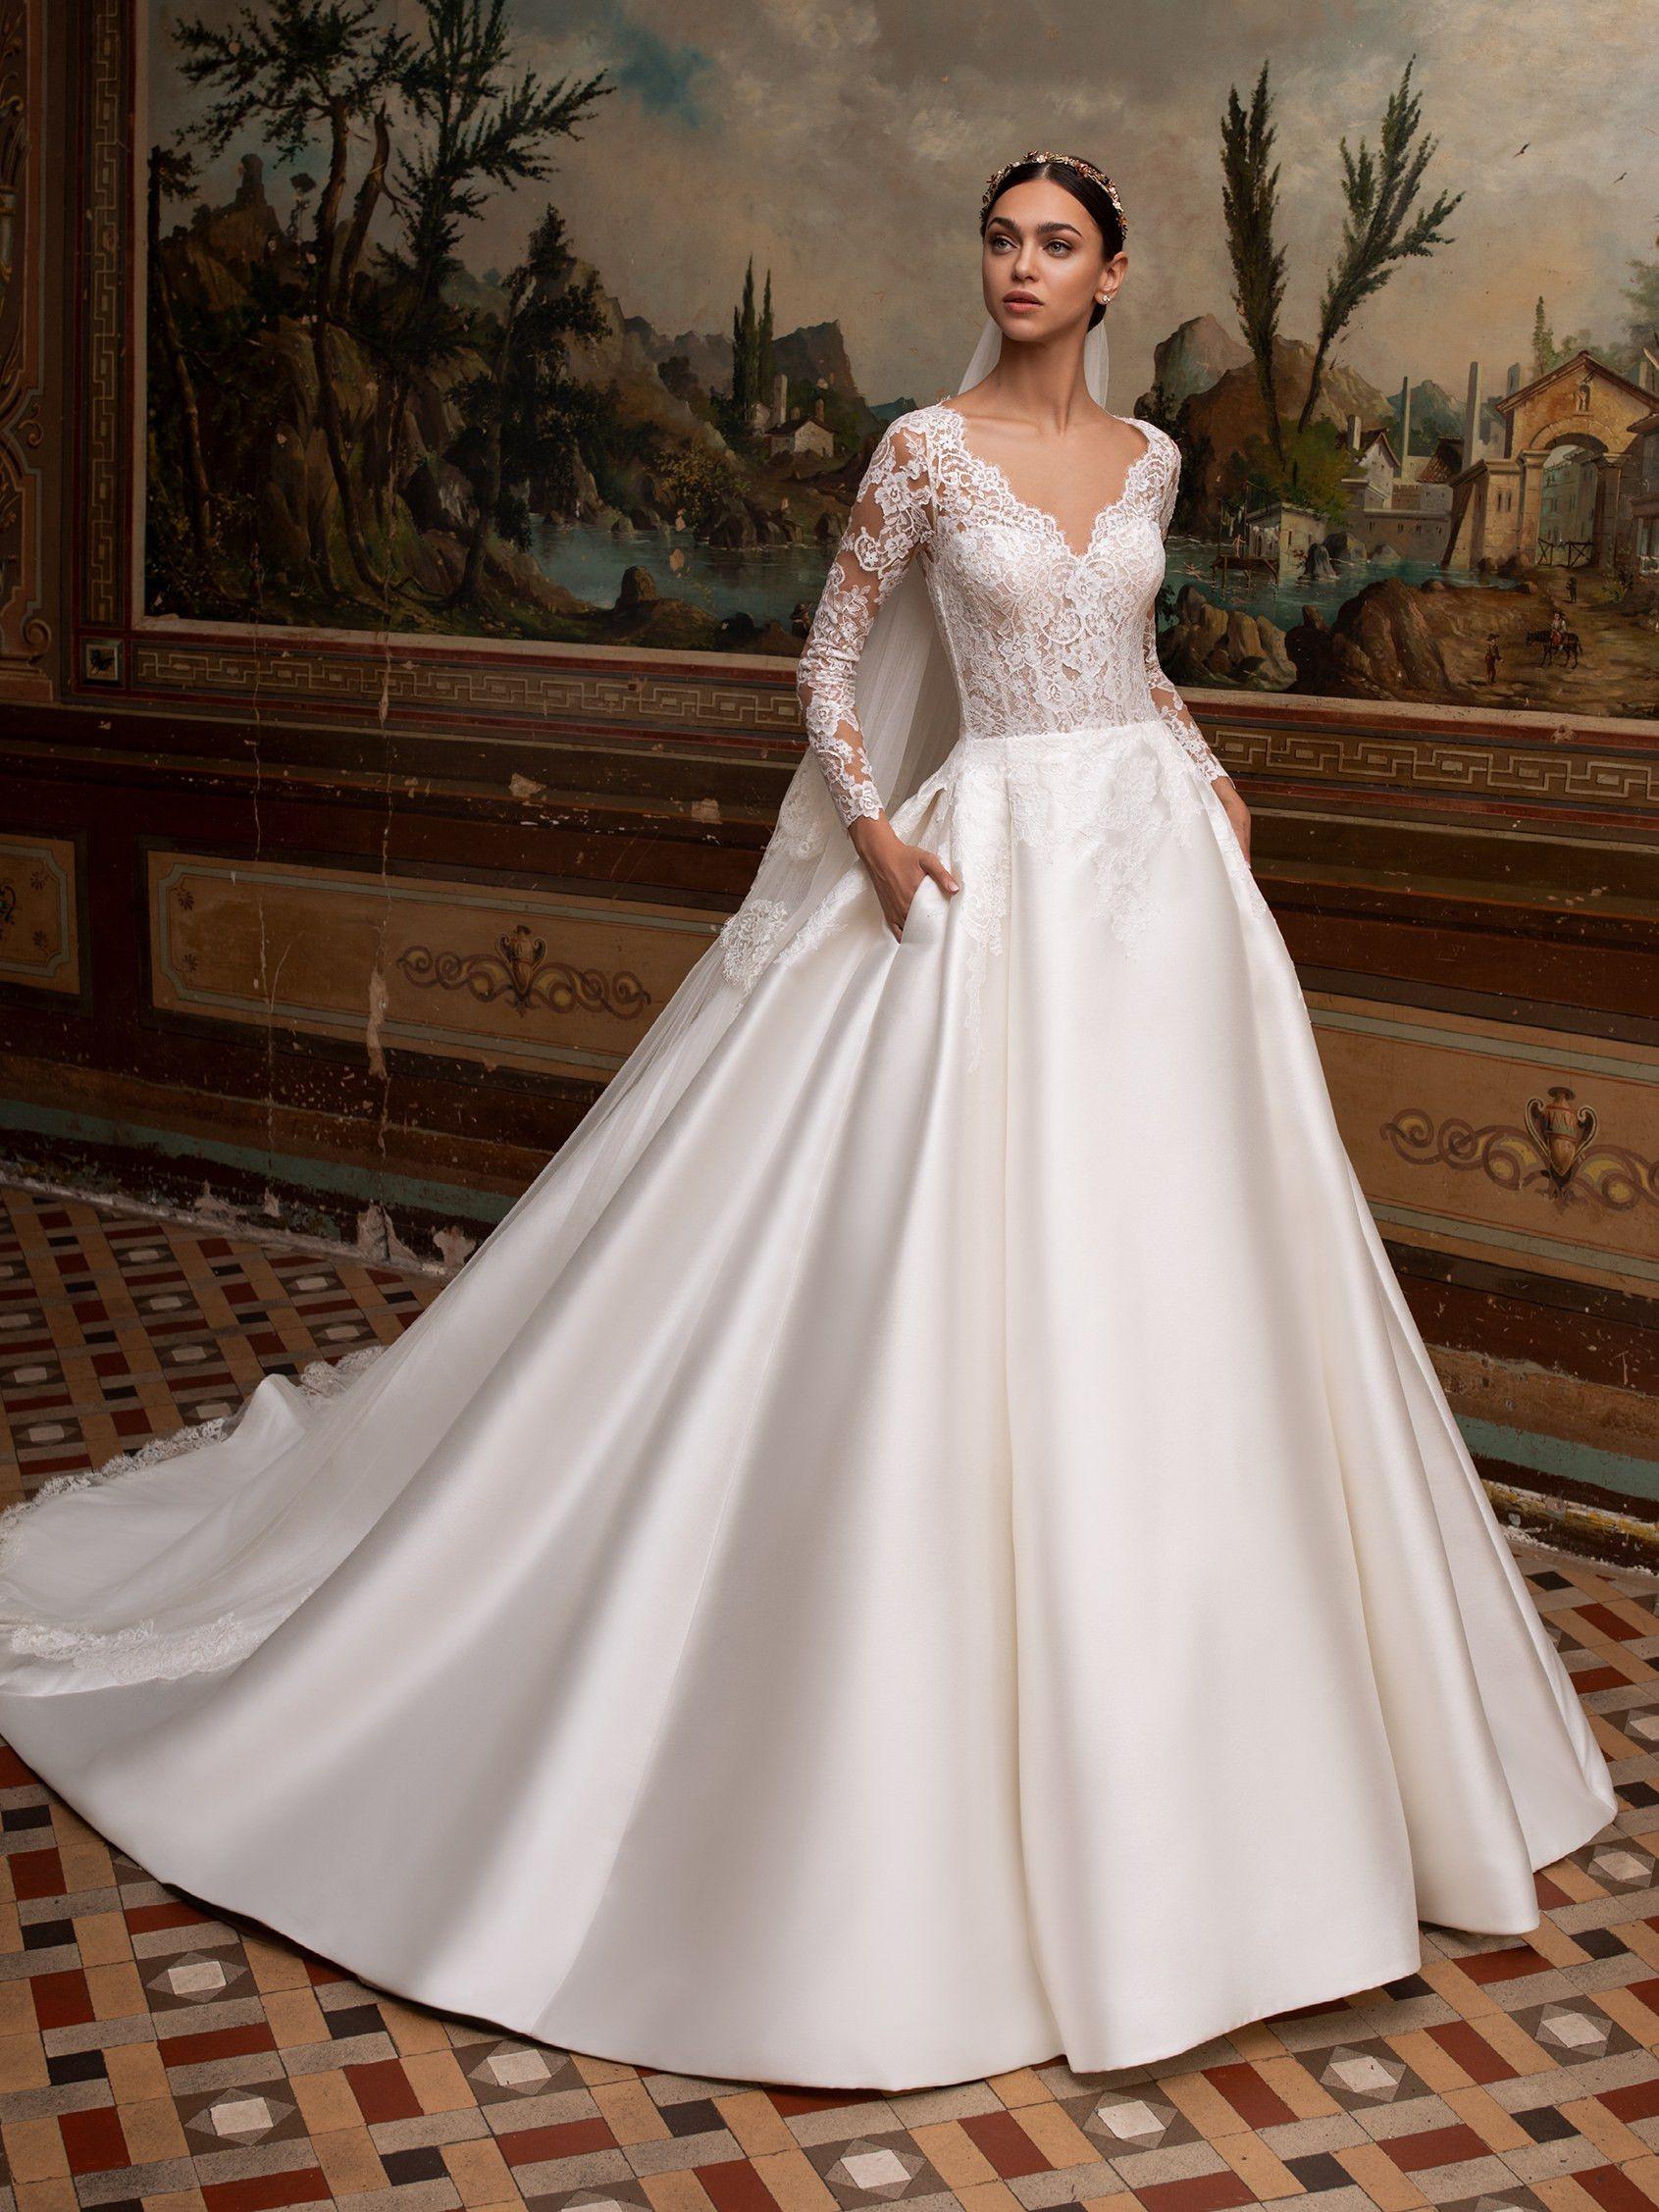 Pronovias Albion Wedding Dress Pronovias Wedding Dress Wedding Dress With Pockets Princess Wedding Dresses [ jpg ]